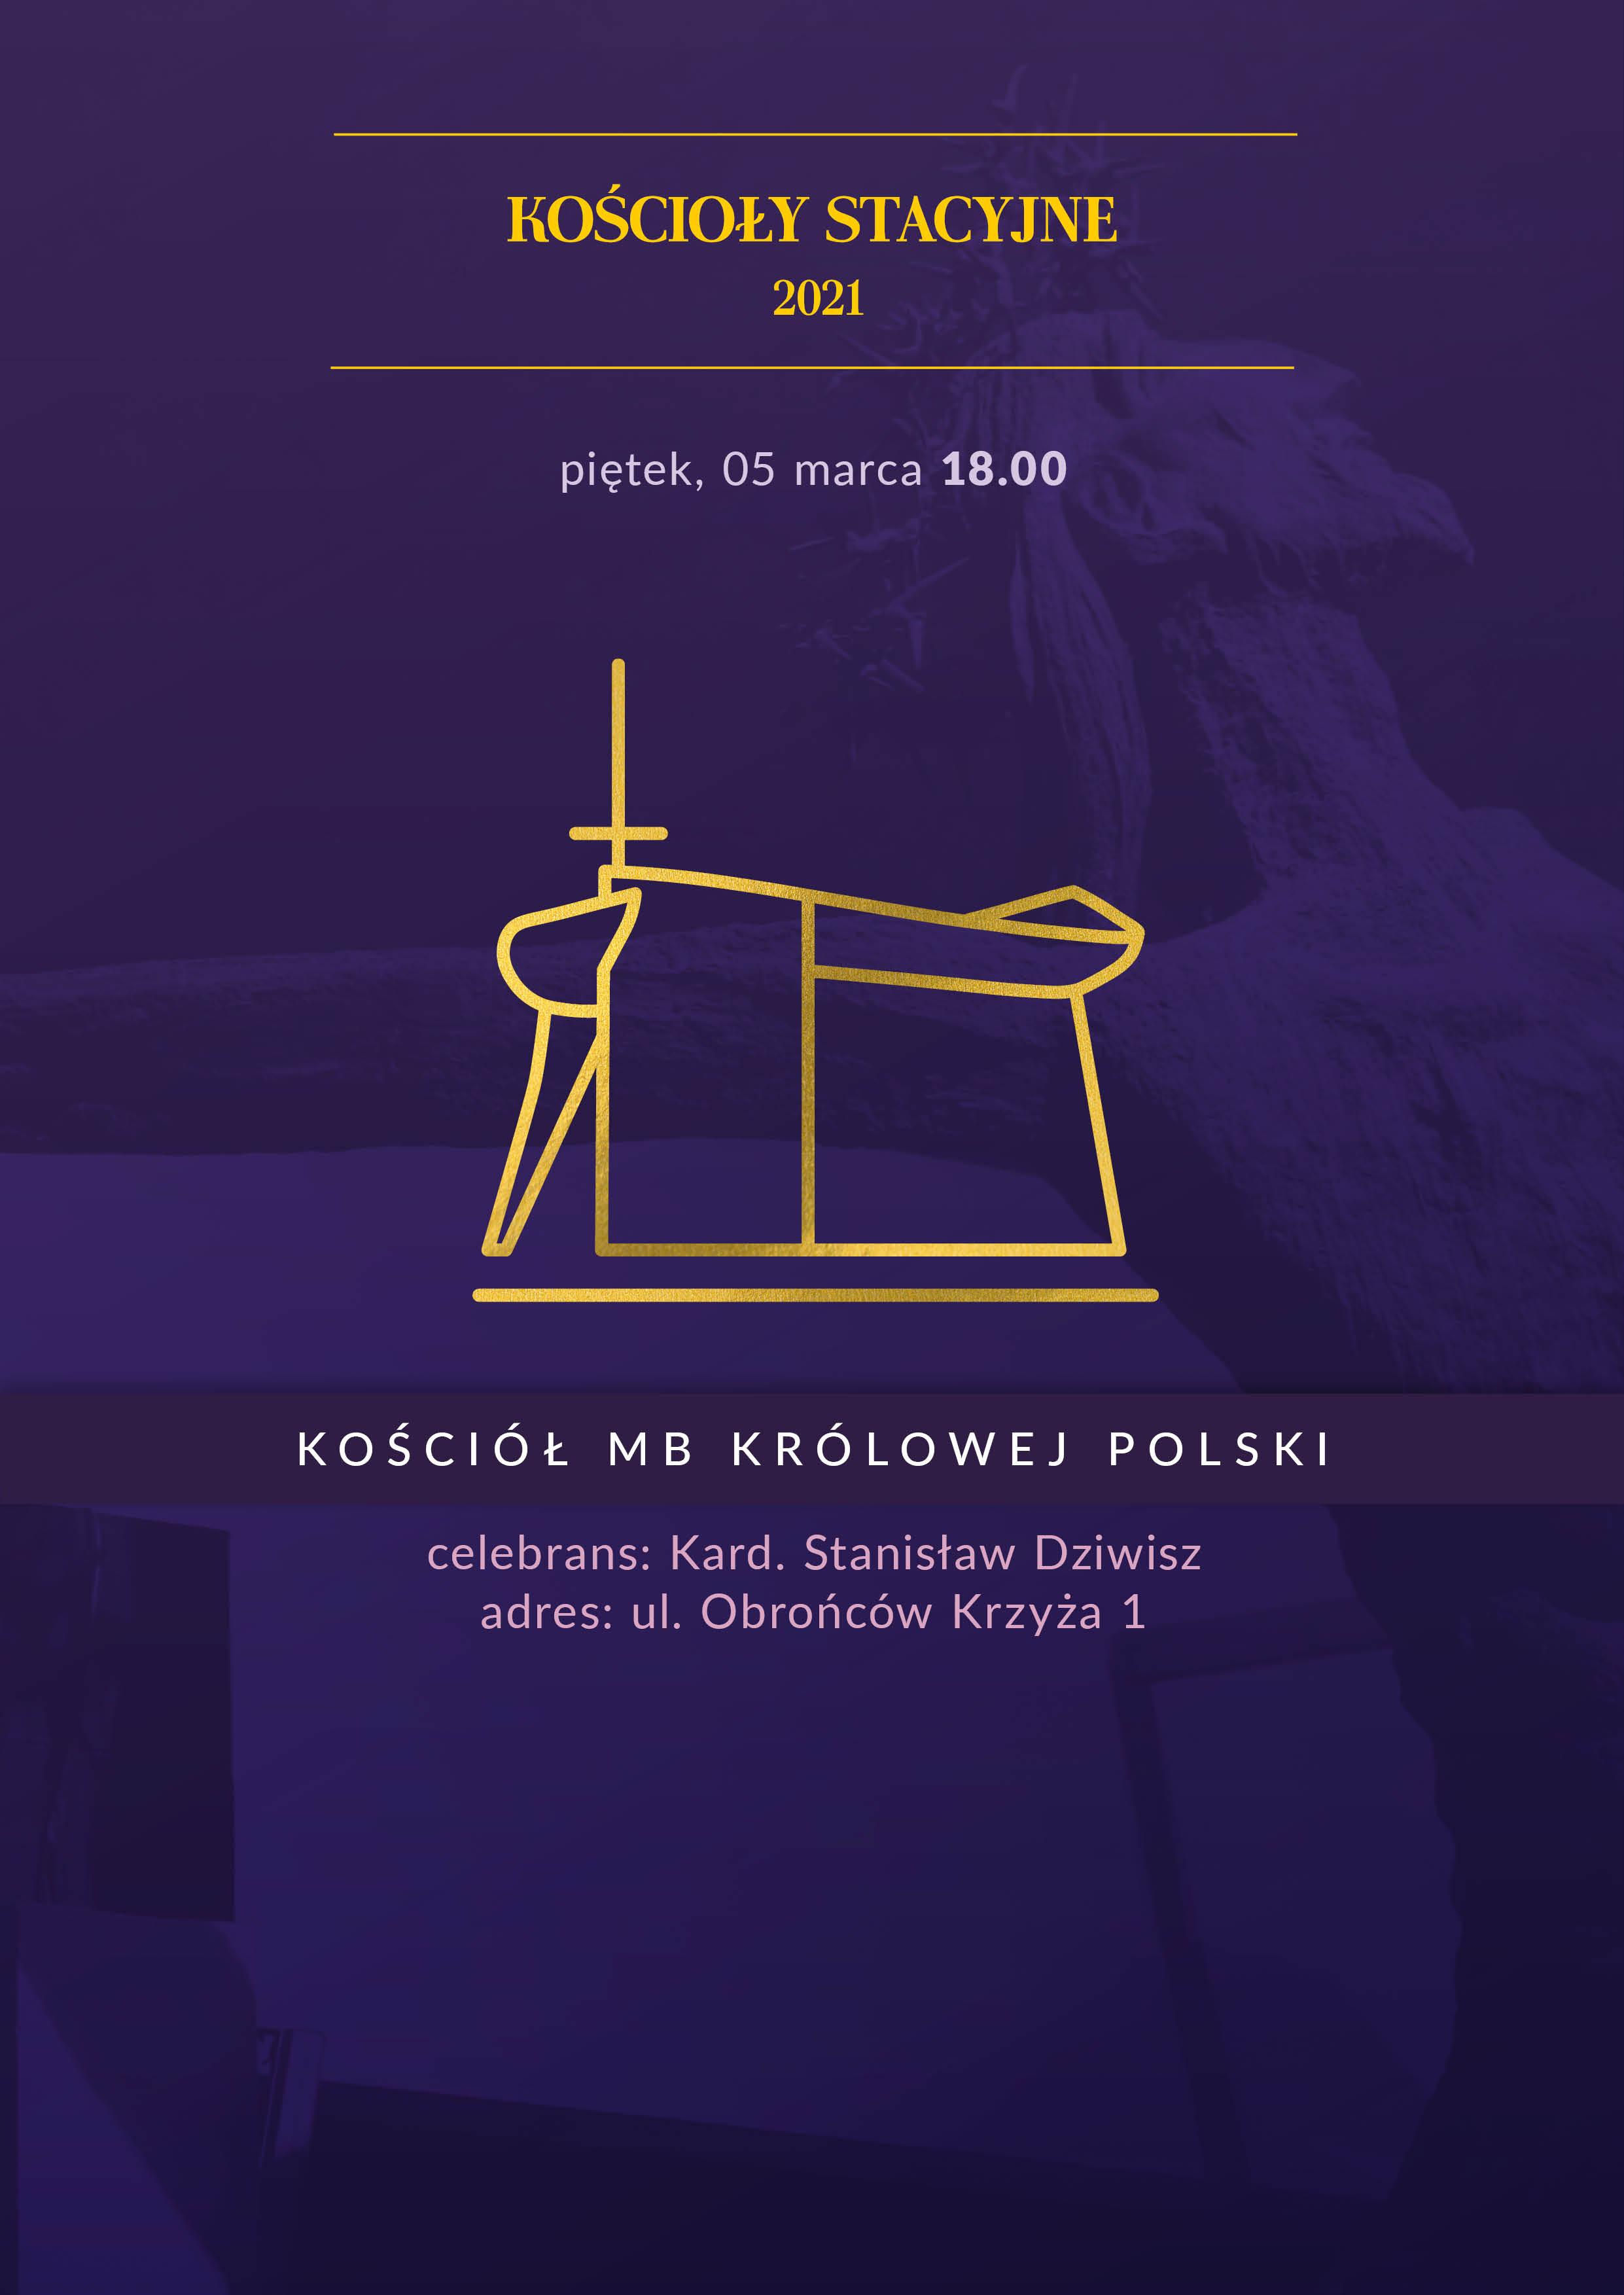 Liturgia stacyjna w kościele Matki Bożej Królowej Polski